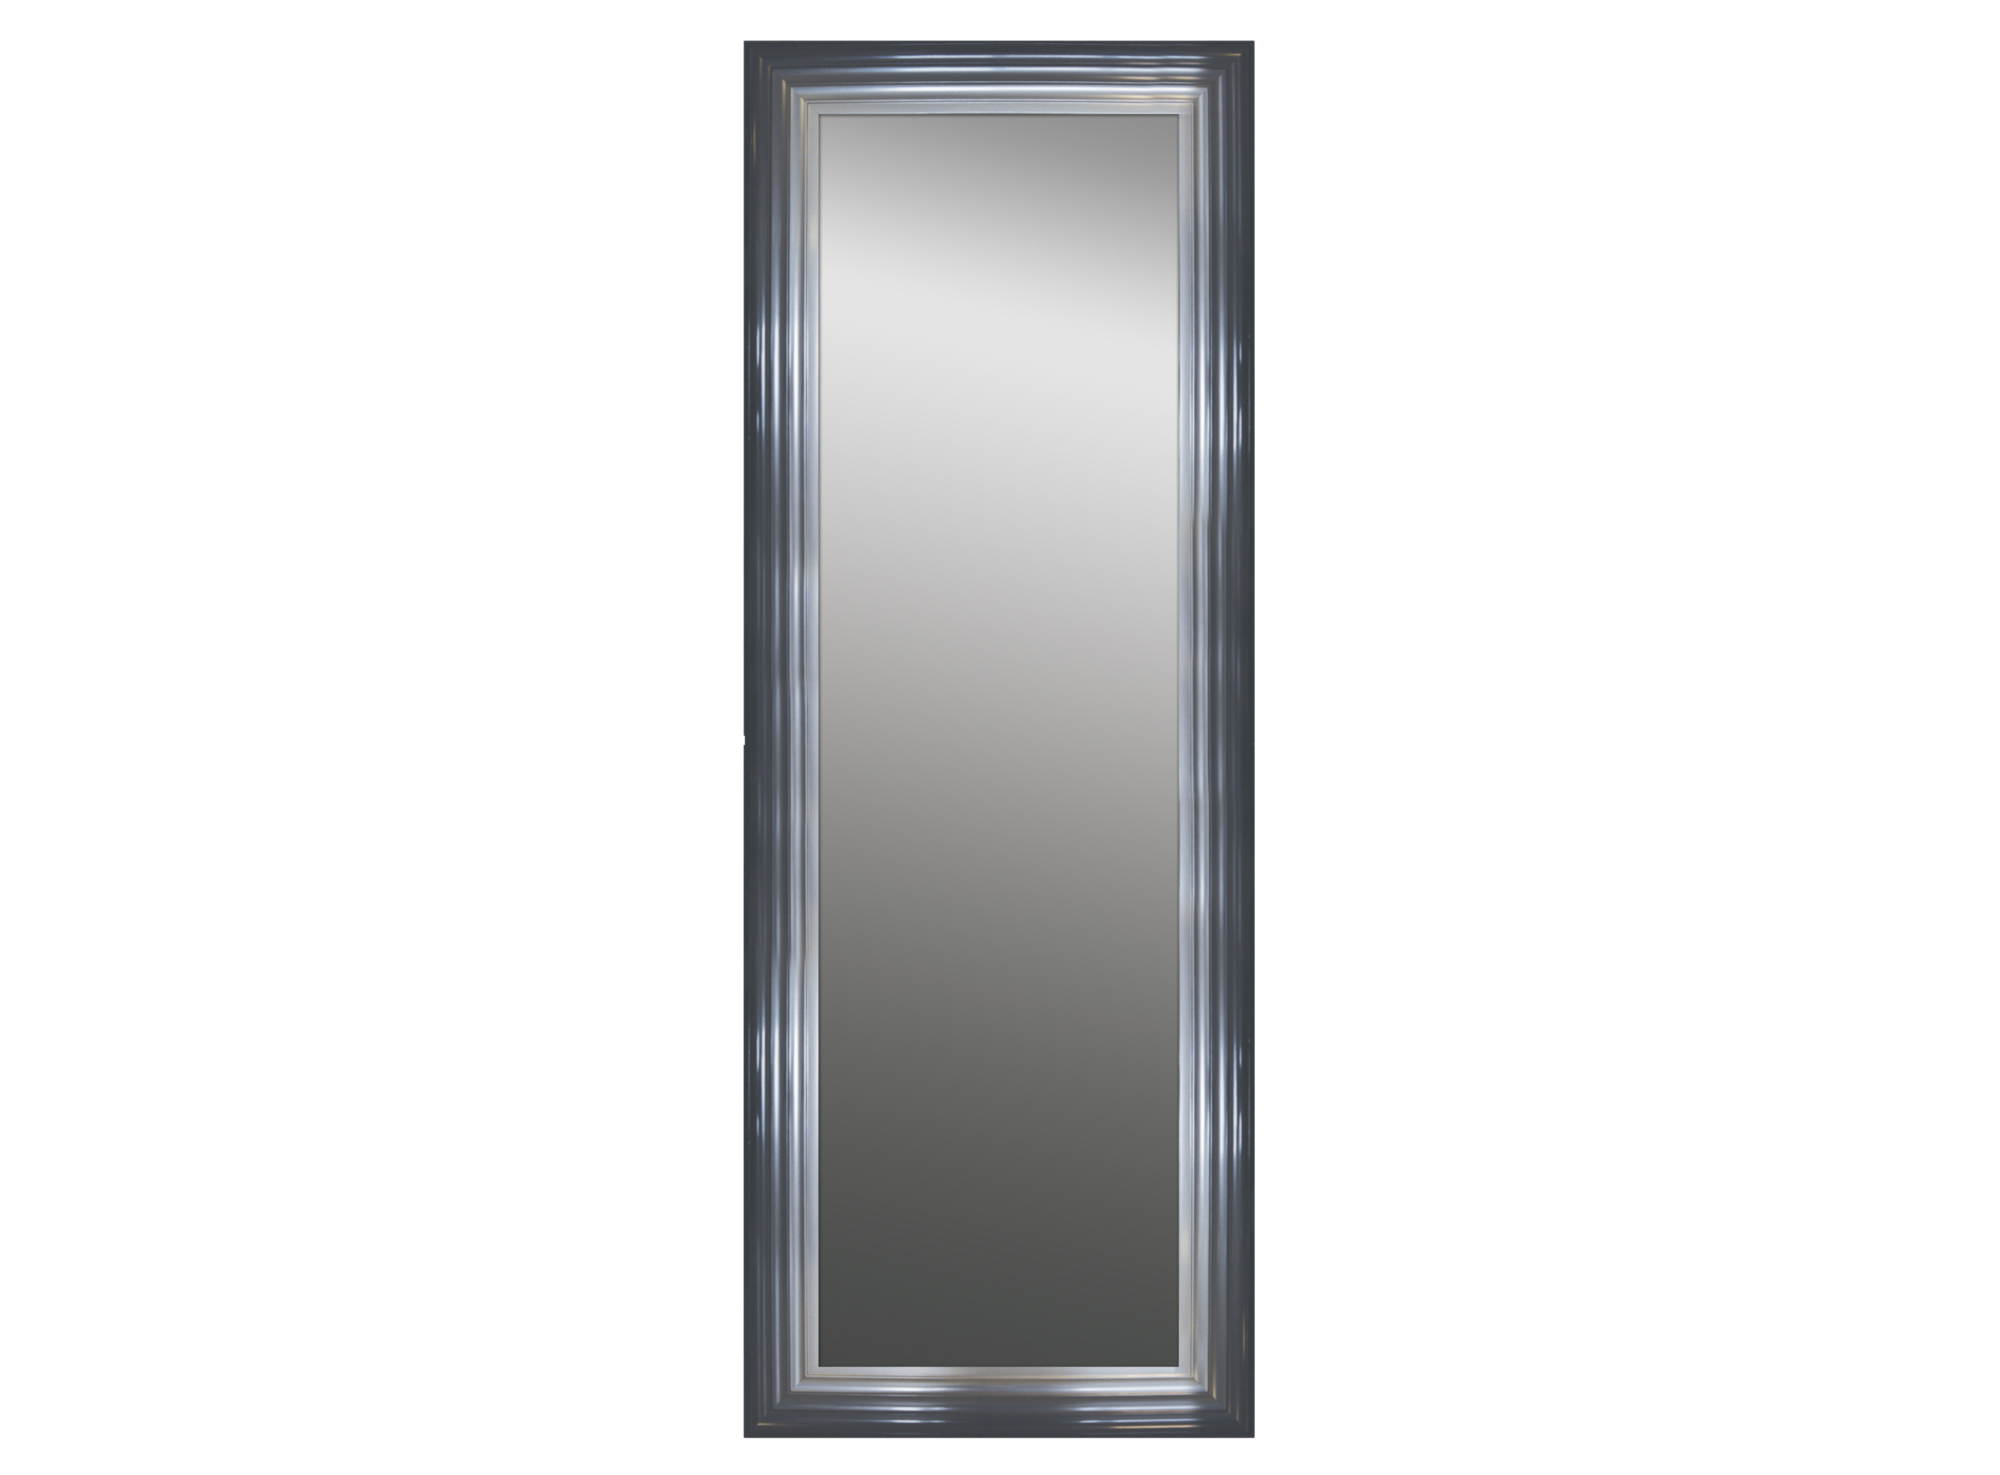 Miroir 40x140 - cadre design coloris gris/noir